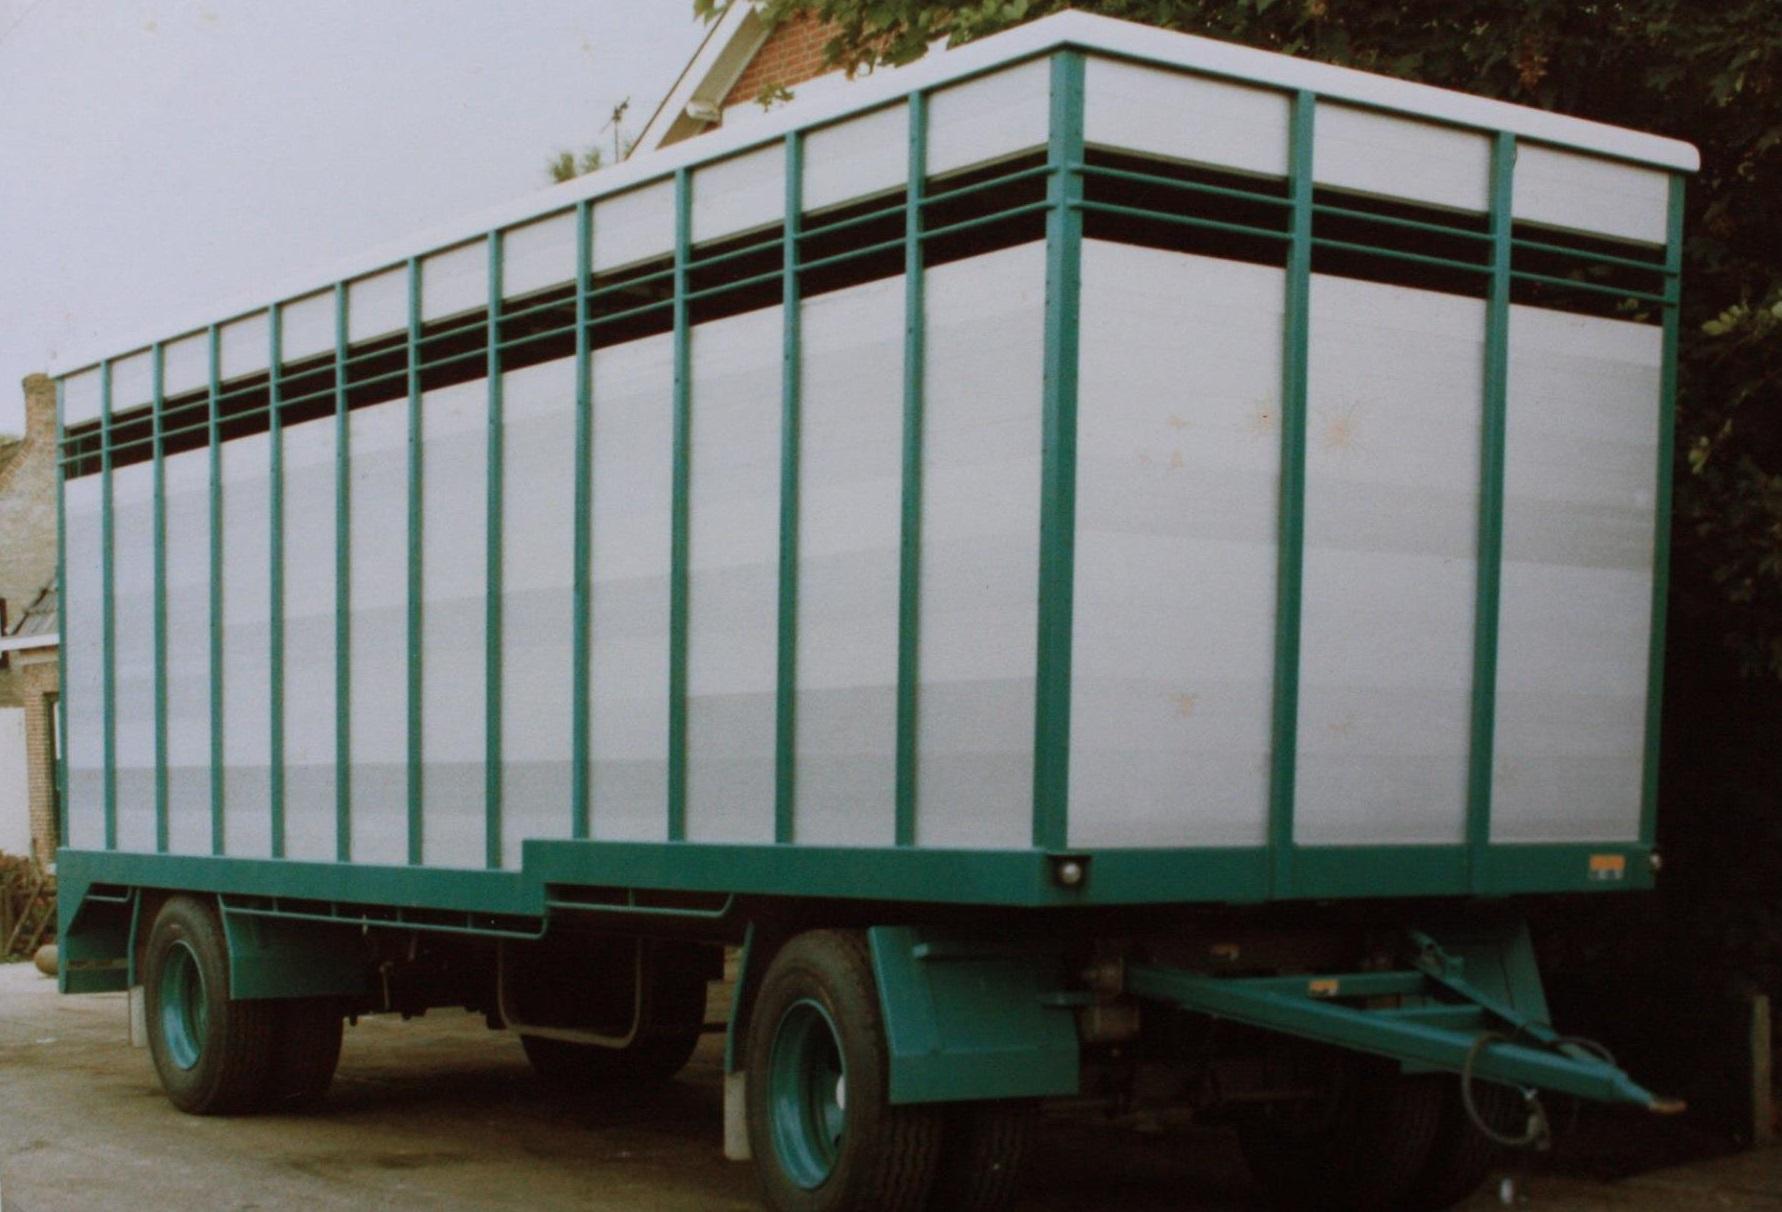 RAF-veevervoer-aanhangwagen-is-in-1982-door-Rondaan-in-Beetgum-gebouwd-voor-G-Dijkstra-uit-Hilaard-en-zo-ziet-hij-er-na-36-jaar-uit--de-opbouw-mankeert-bijna-niets-aan-1